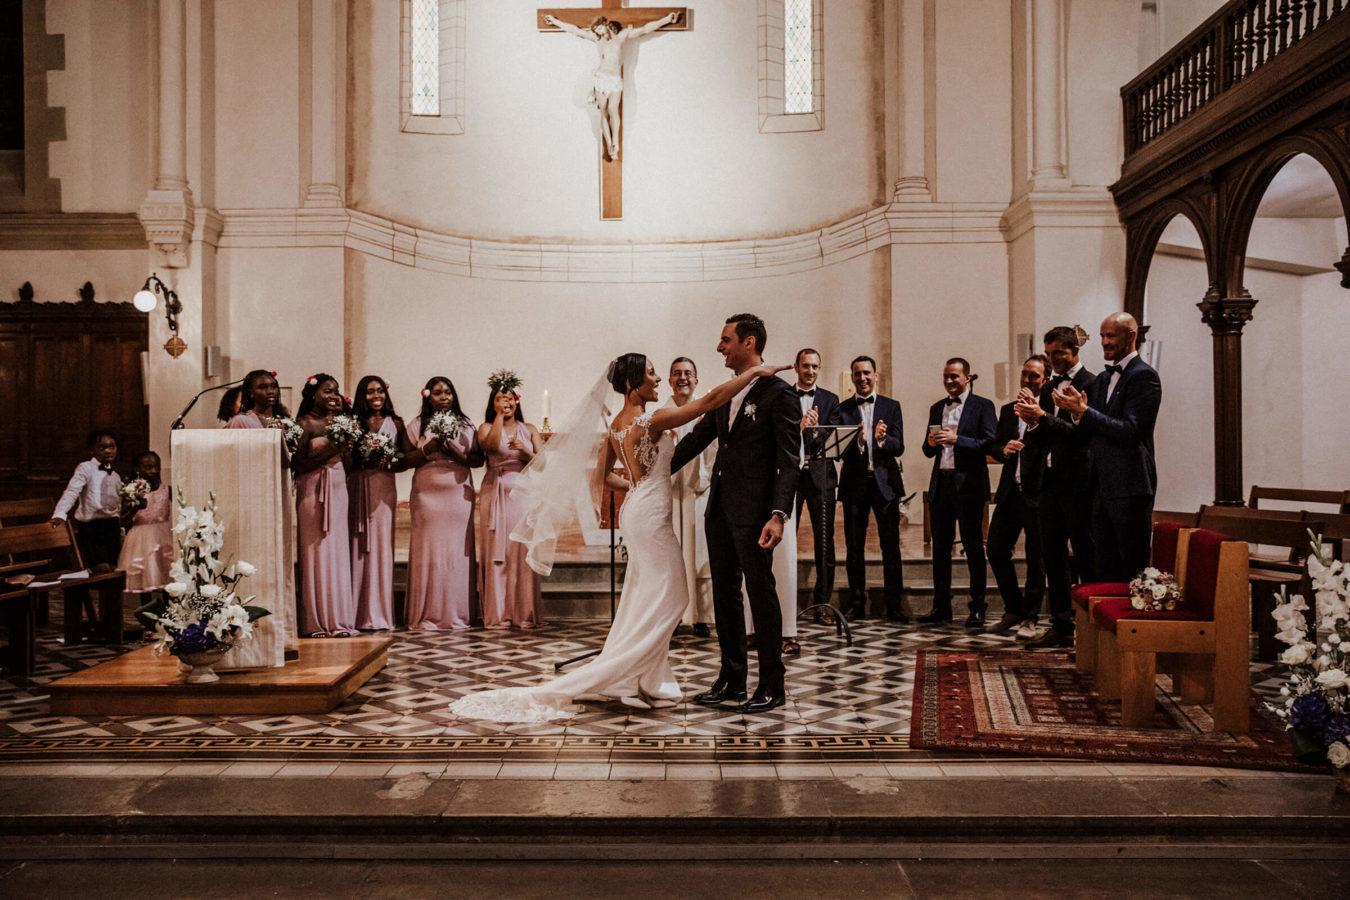 photographe église mariage Orléans Loiret France